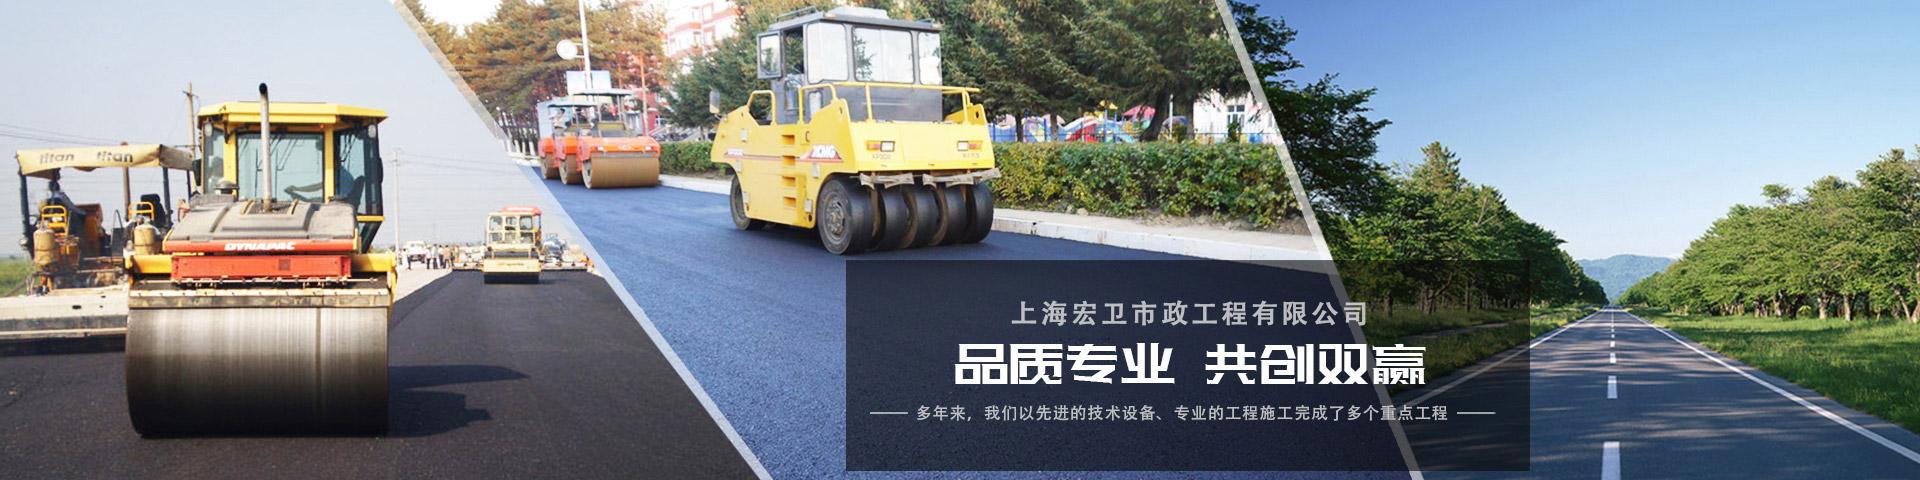 上海路面沥青施工